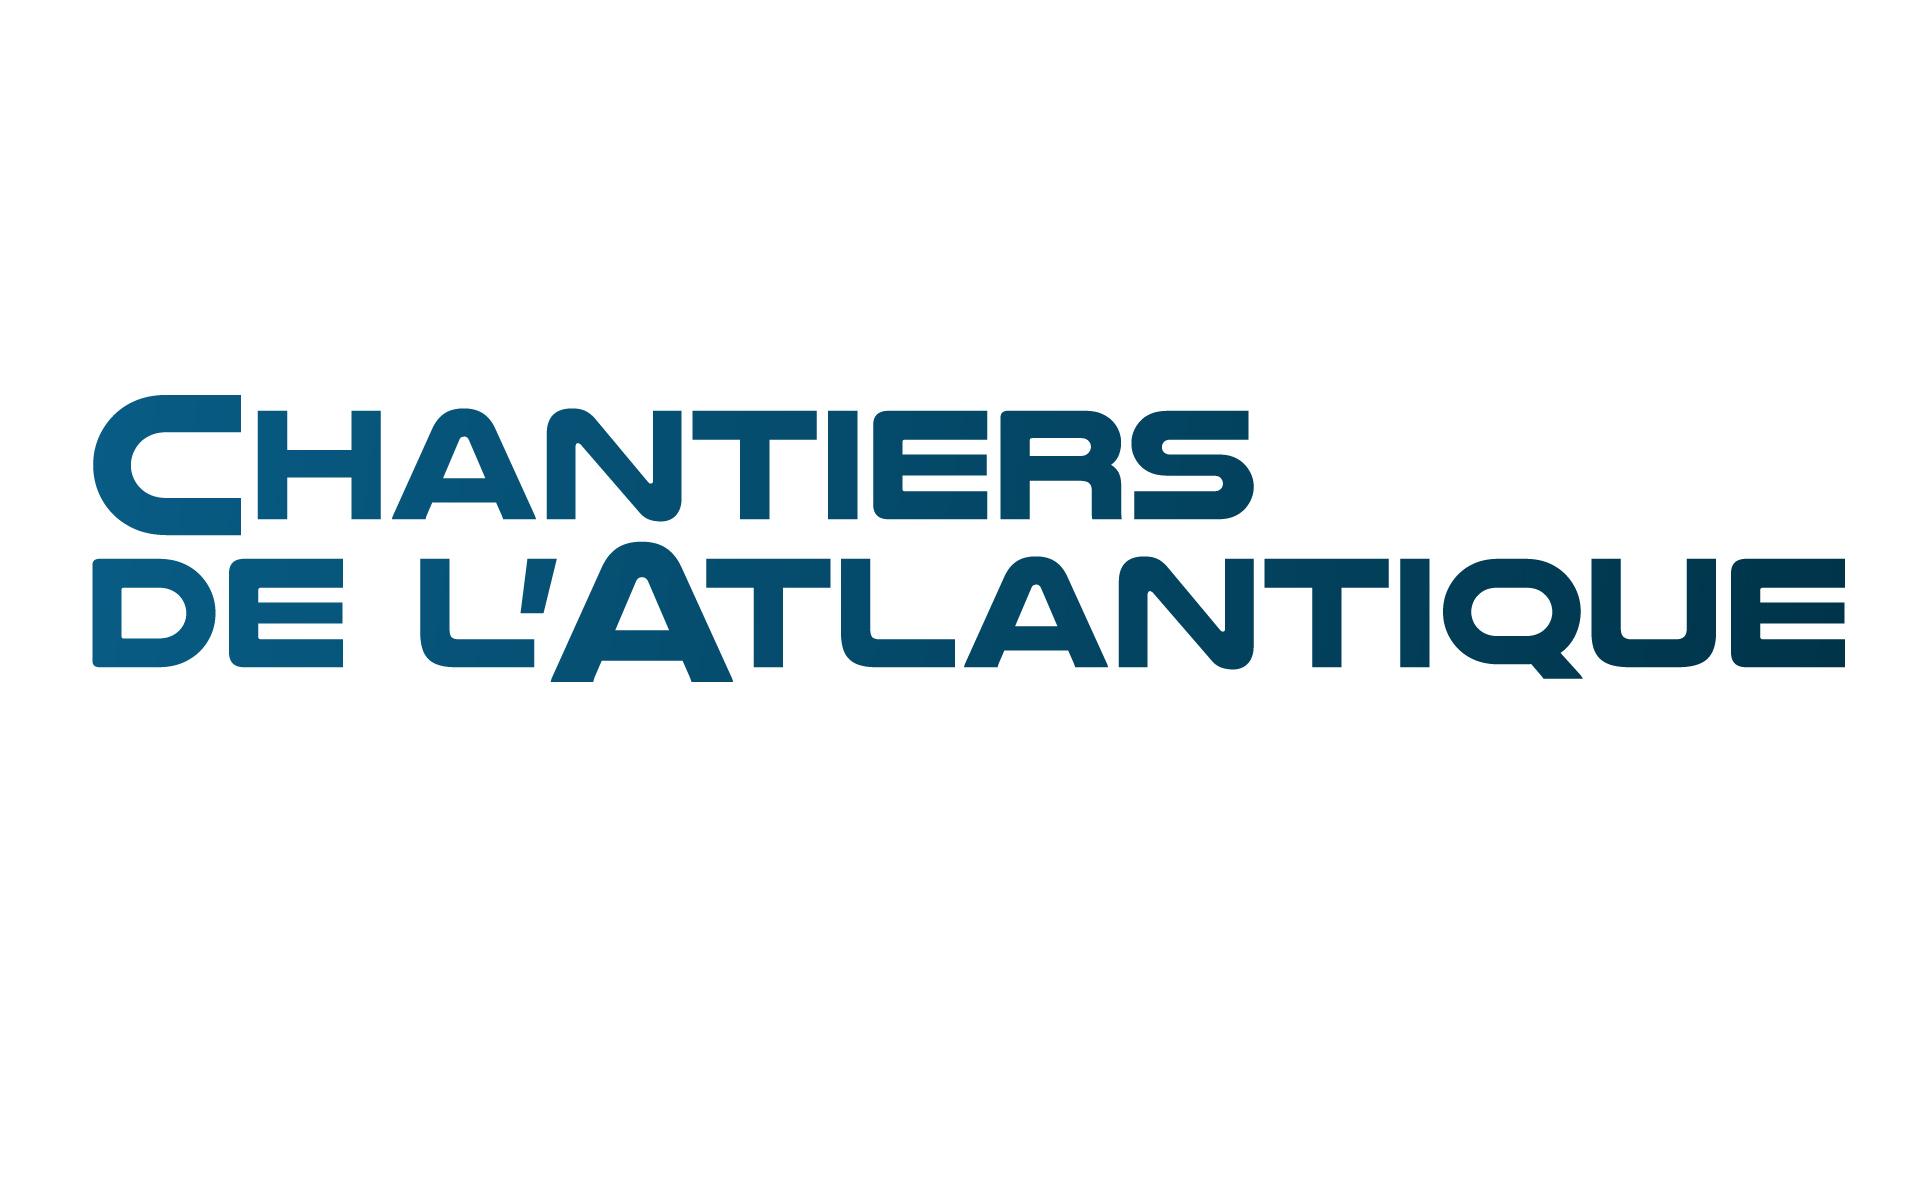 Chantier Atlantique